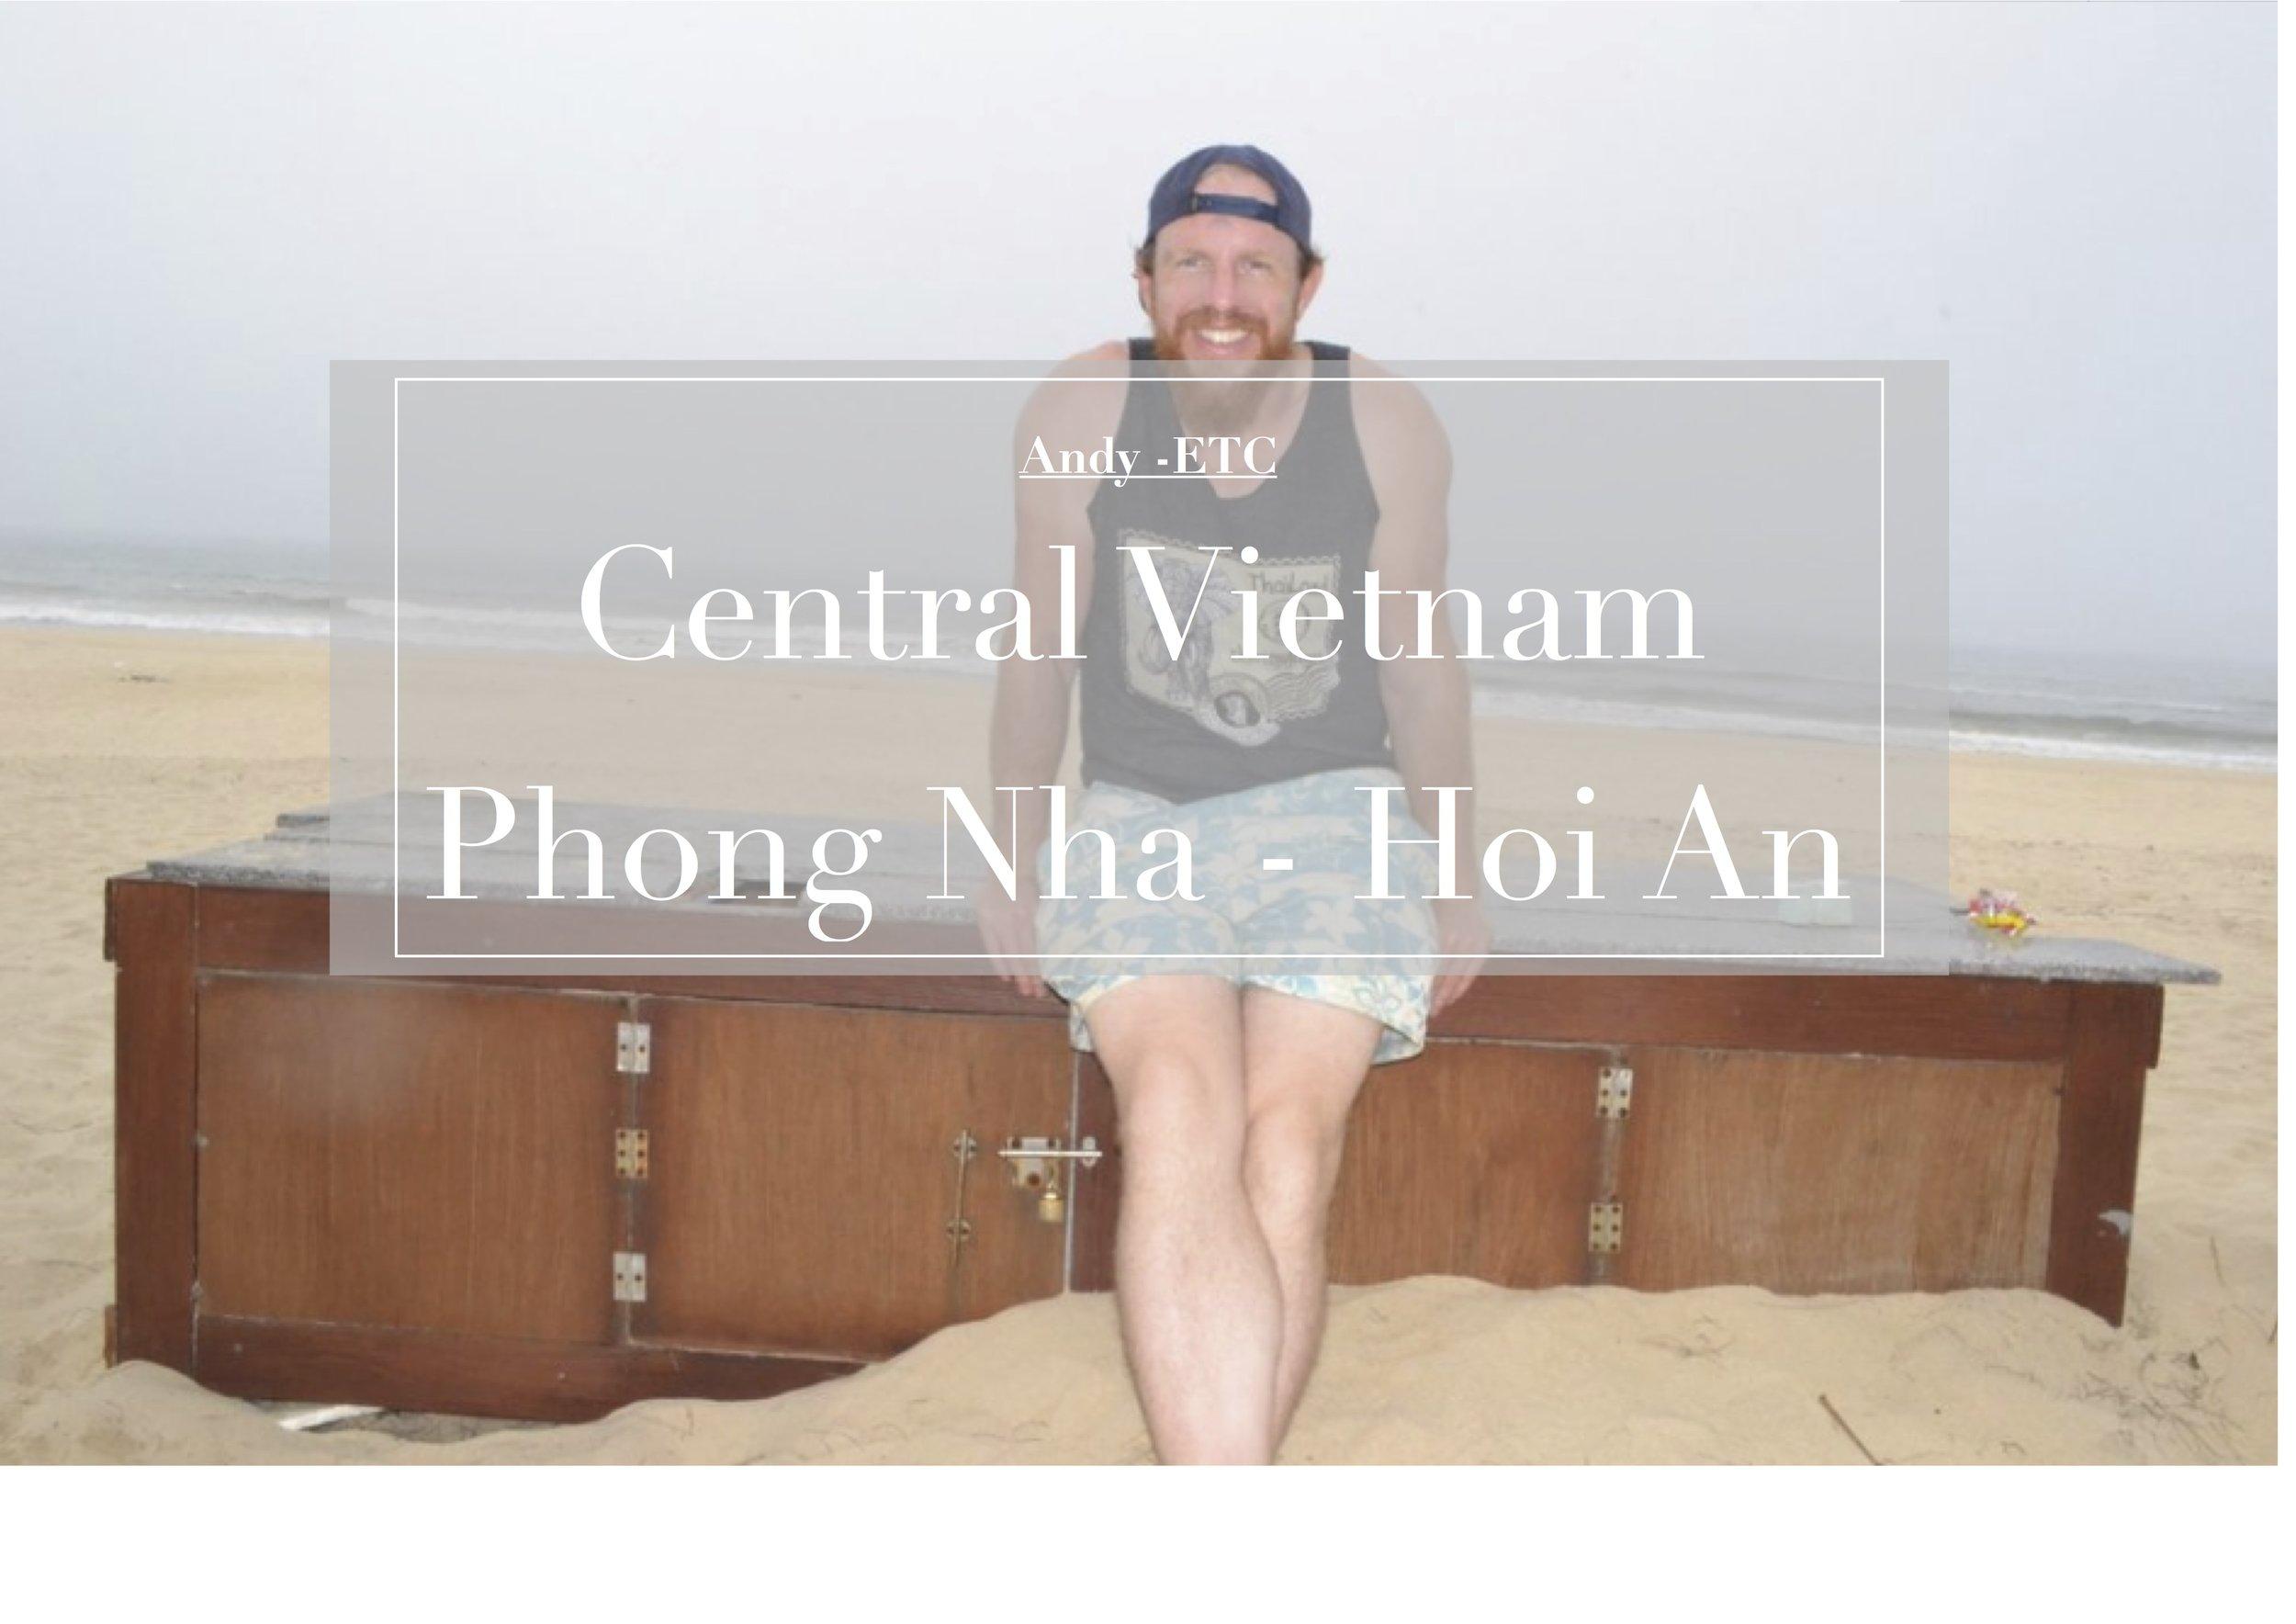 Phong Nha - Hoi An.jpg